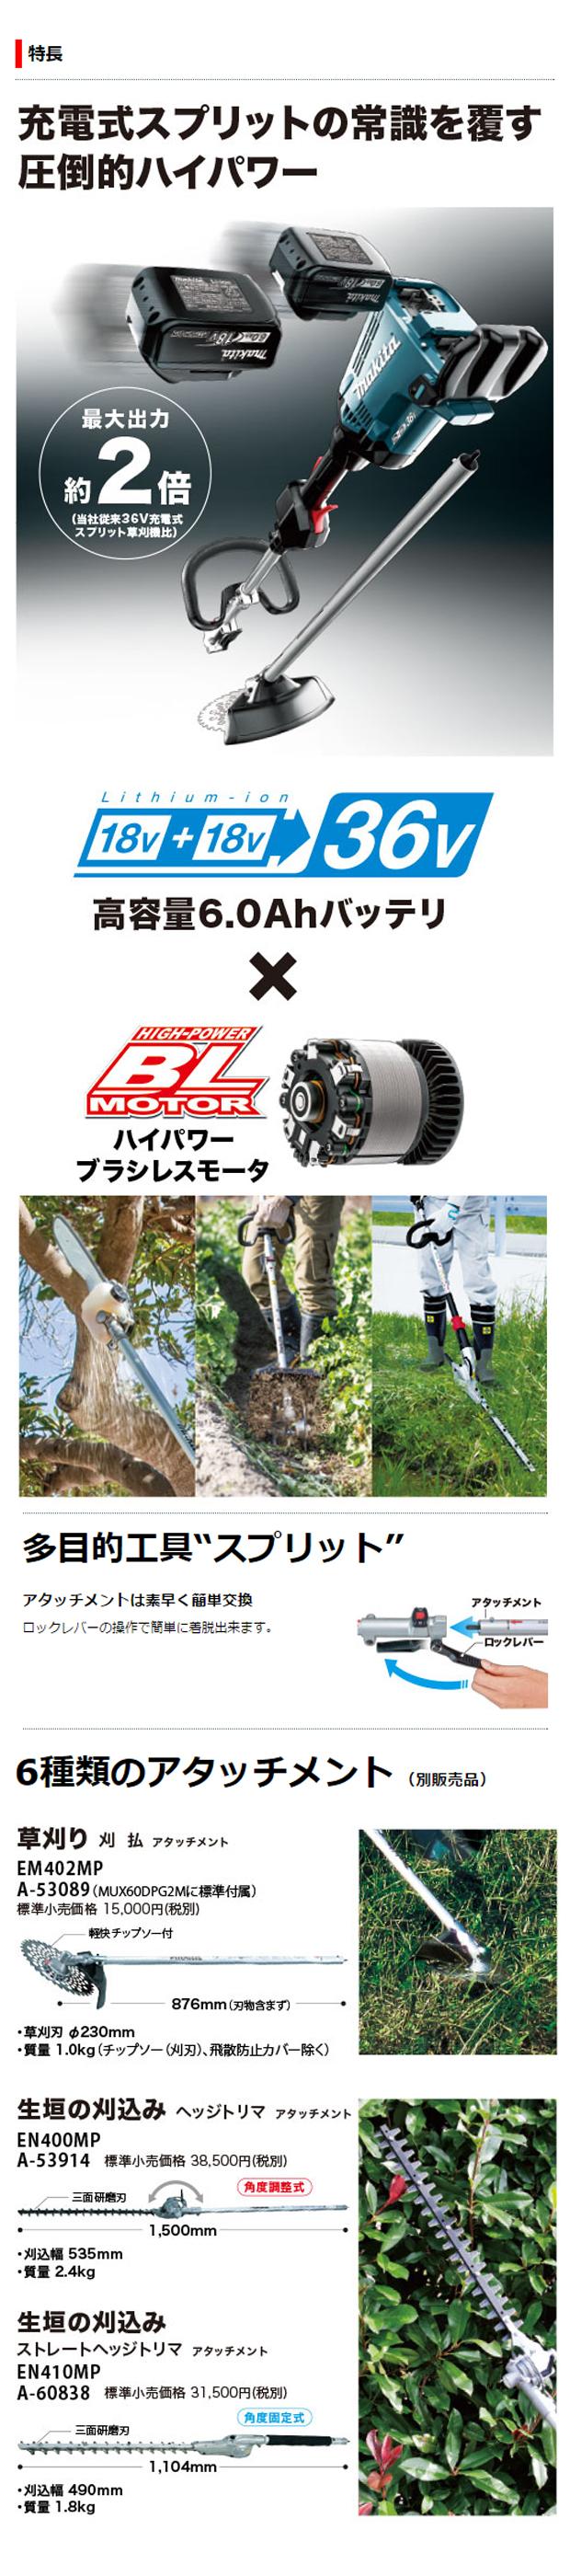 マキタ 36V充電式スプリット草刈機 MUX60DPG2M